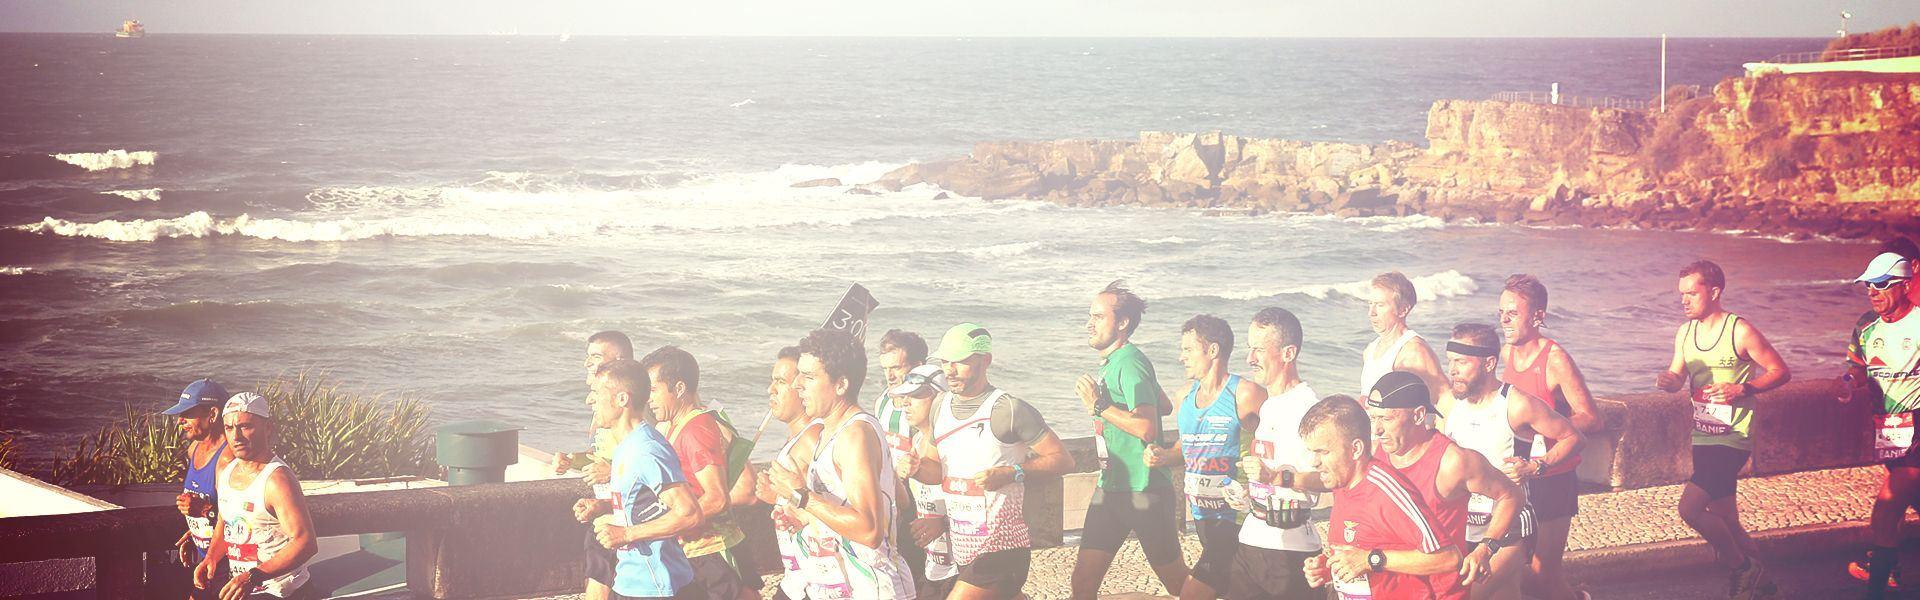 Alles over de Rock N Roll Lisbon Marathon 1 2 Marathon en hoe jij er aan mee kunt doen